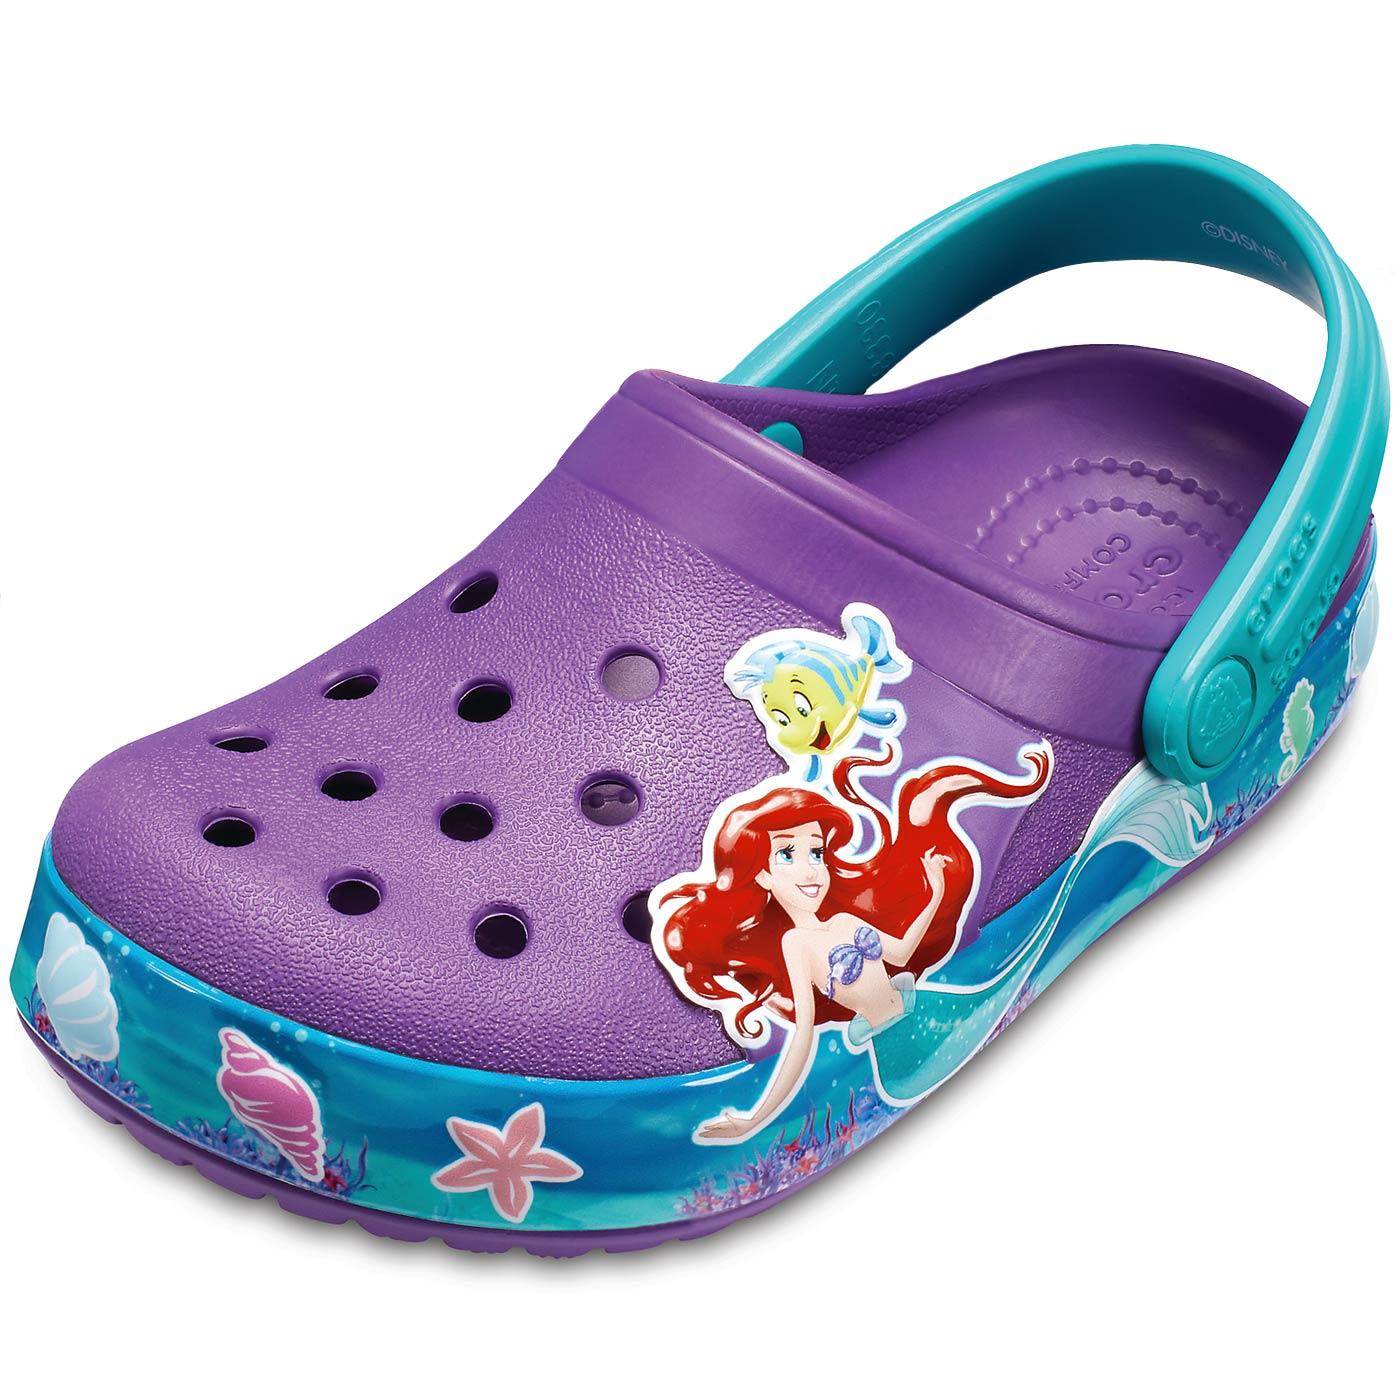 9c9662d0d2f Crocs Crocband Princess Ariel amethyst - Shoes   Accessories